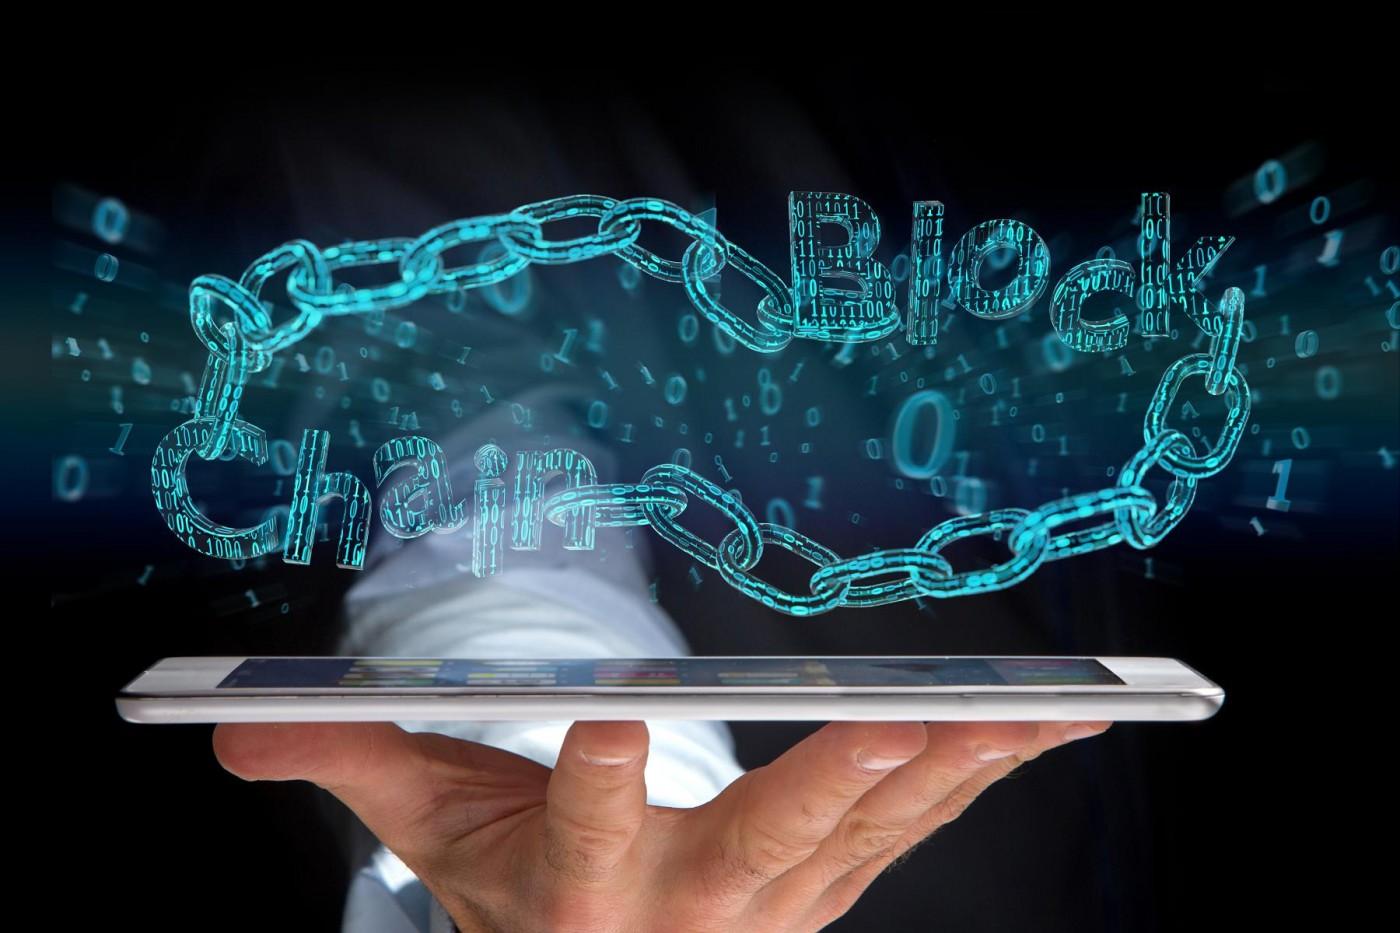 區塊鏈加速實現工業4.0,供應鏈、資安成為切入點